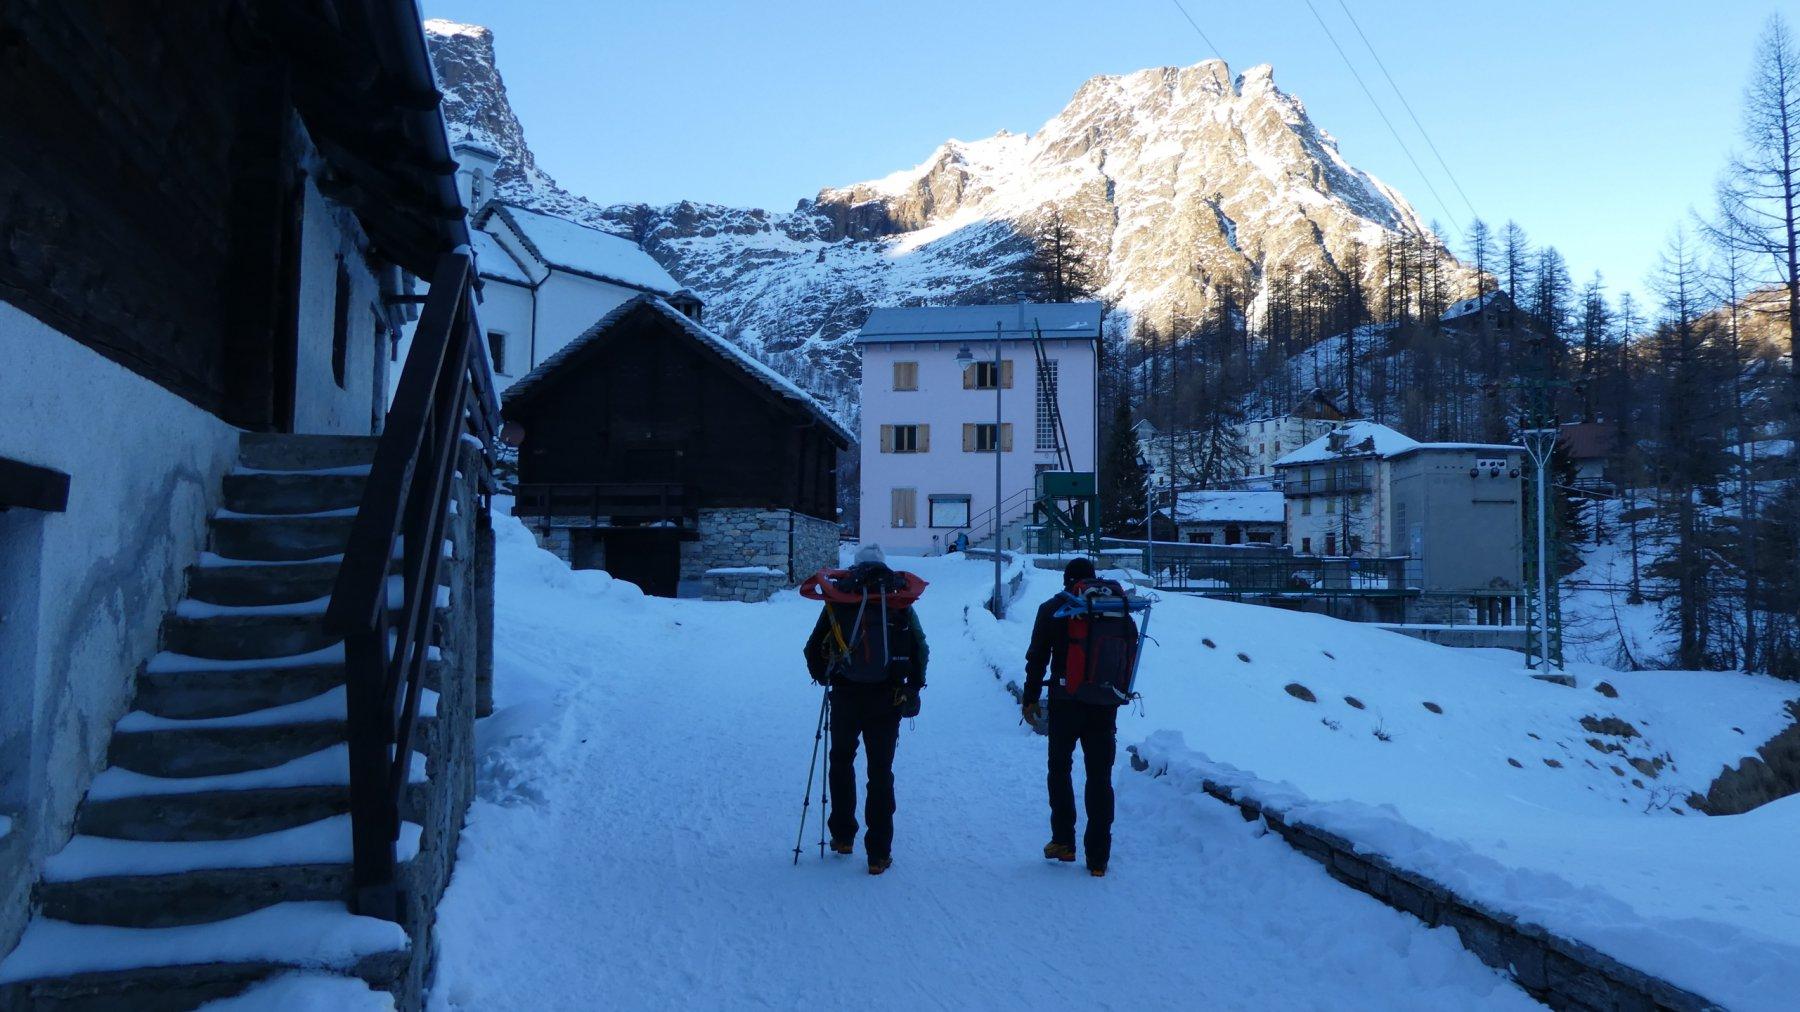 arrivando alla Frazione Piedimonte dell'Alpe Devero